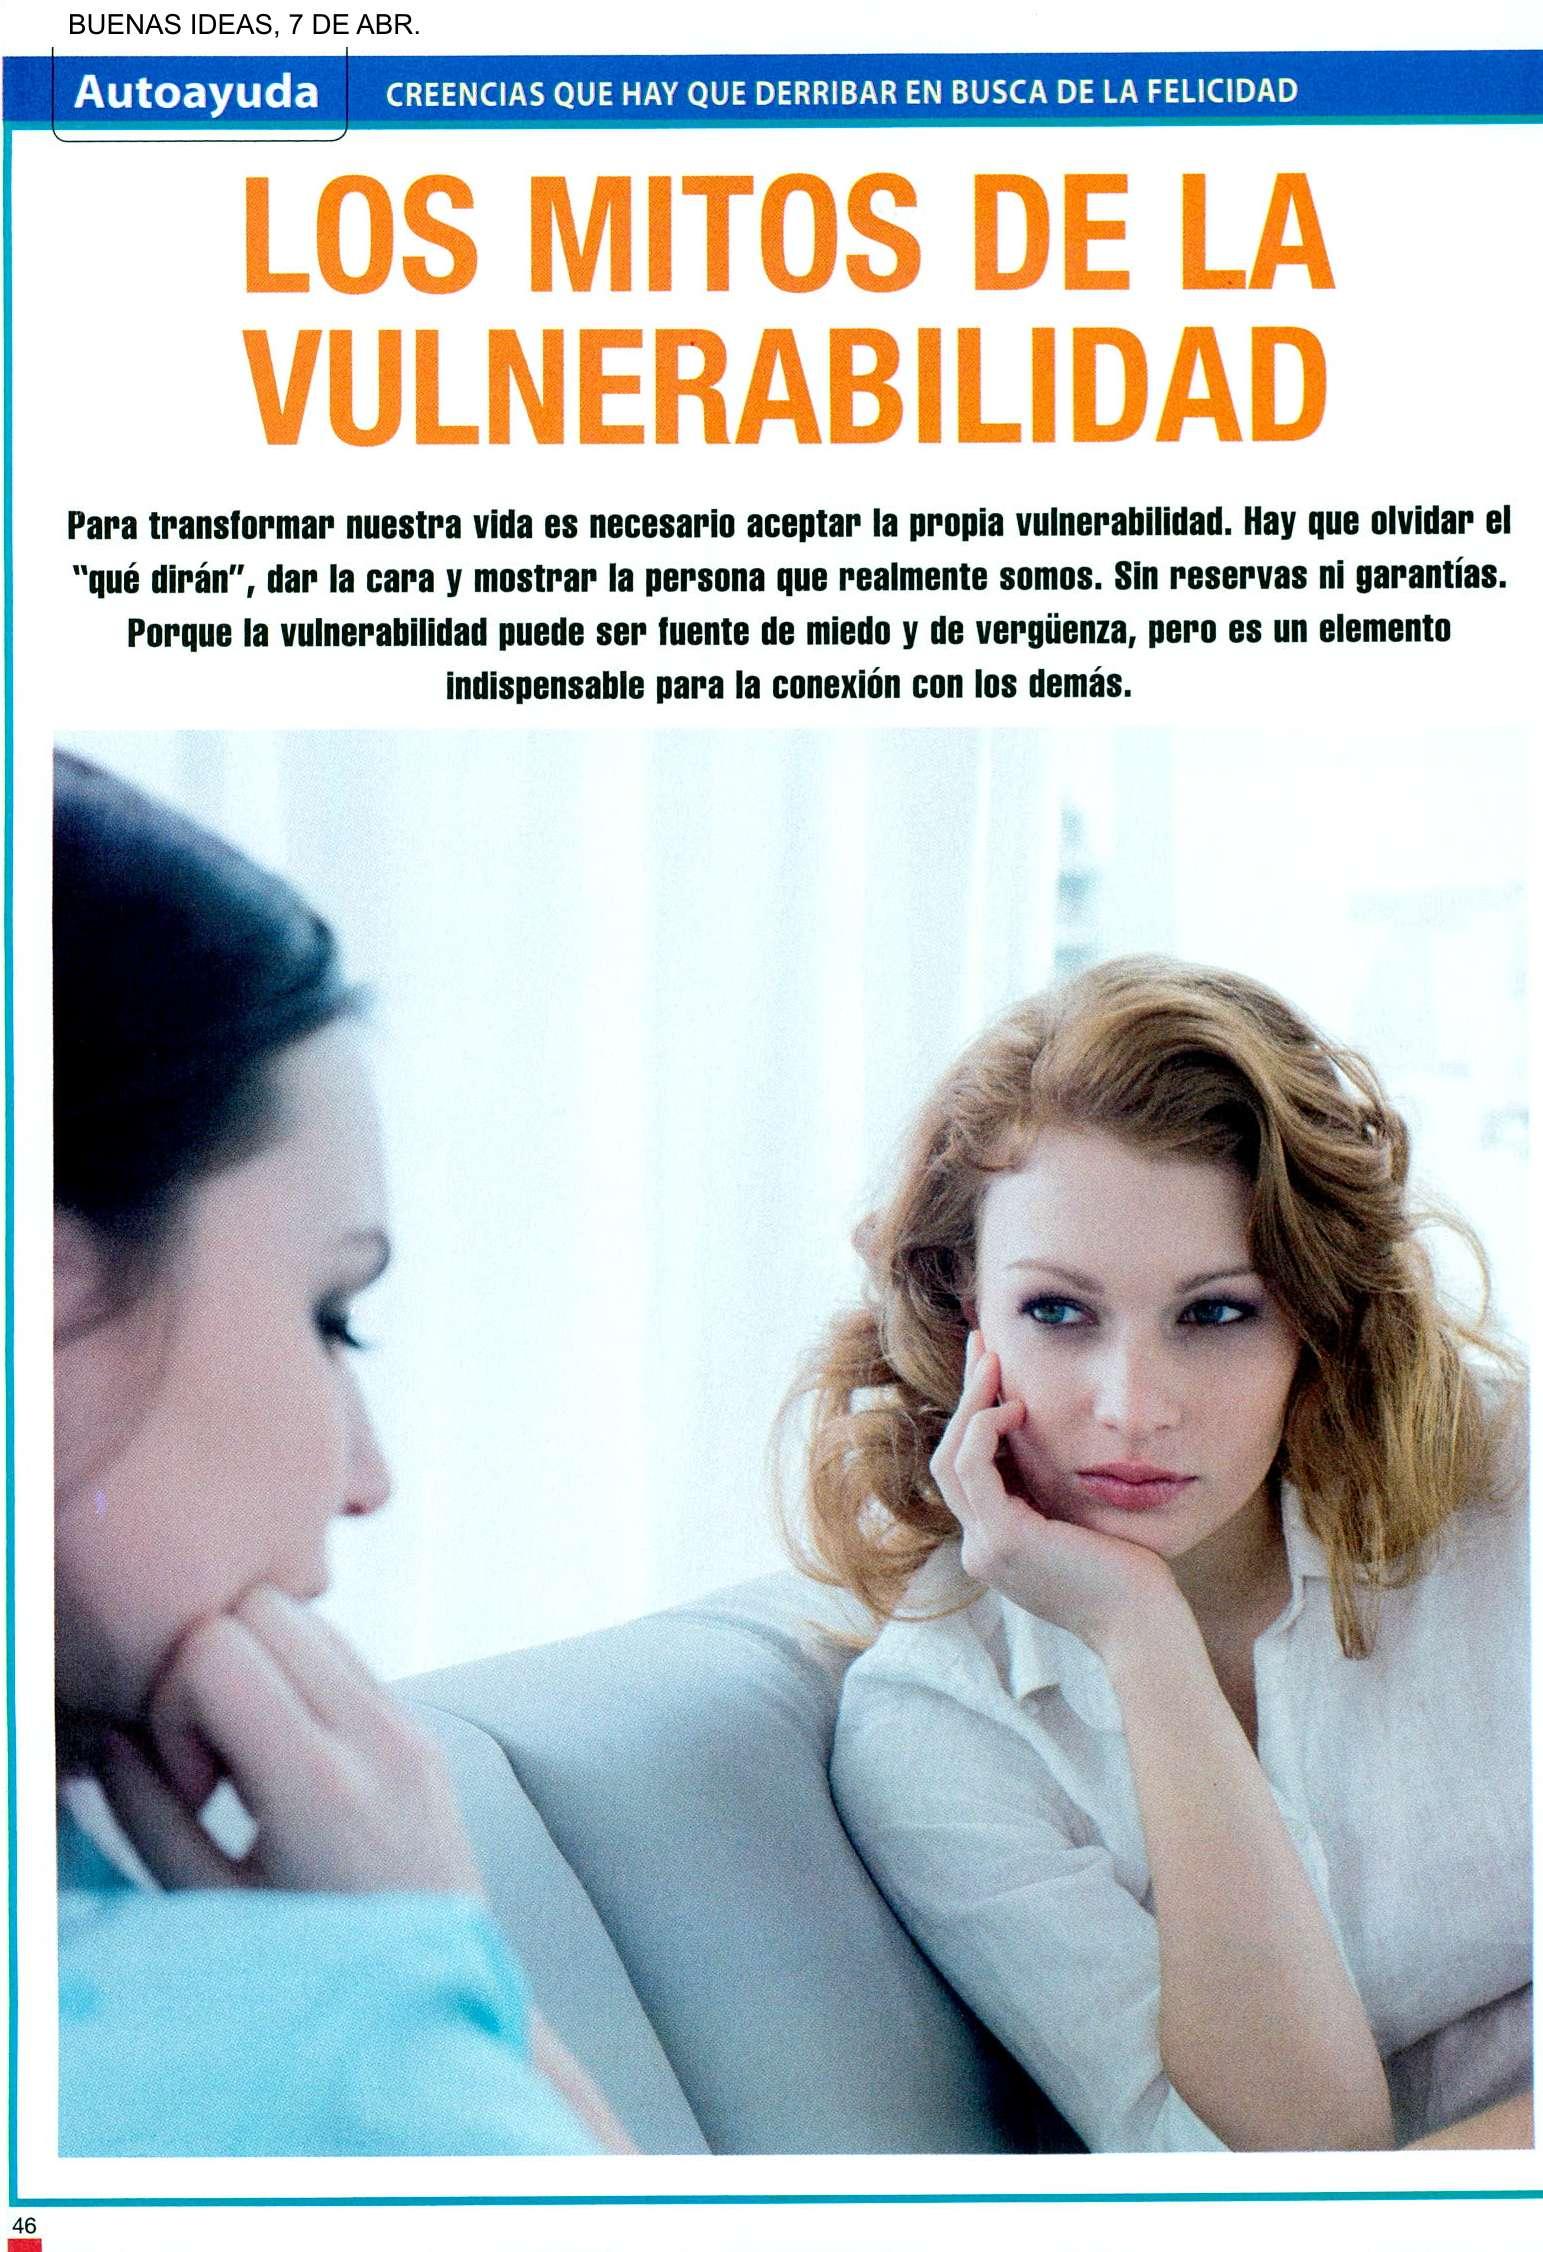 ... Revista Buenas Ideas - 07/04/2017 ...